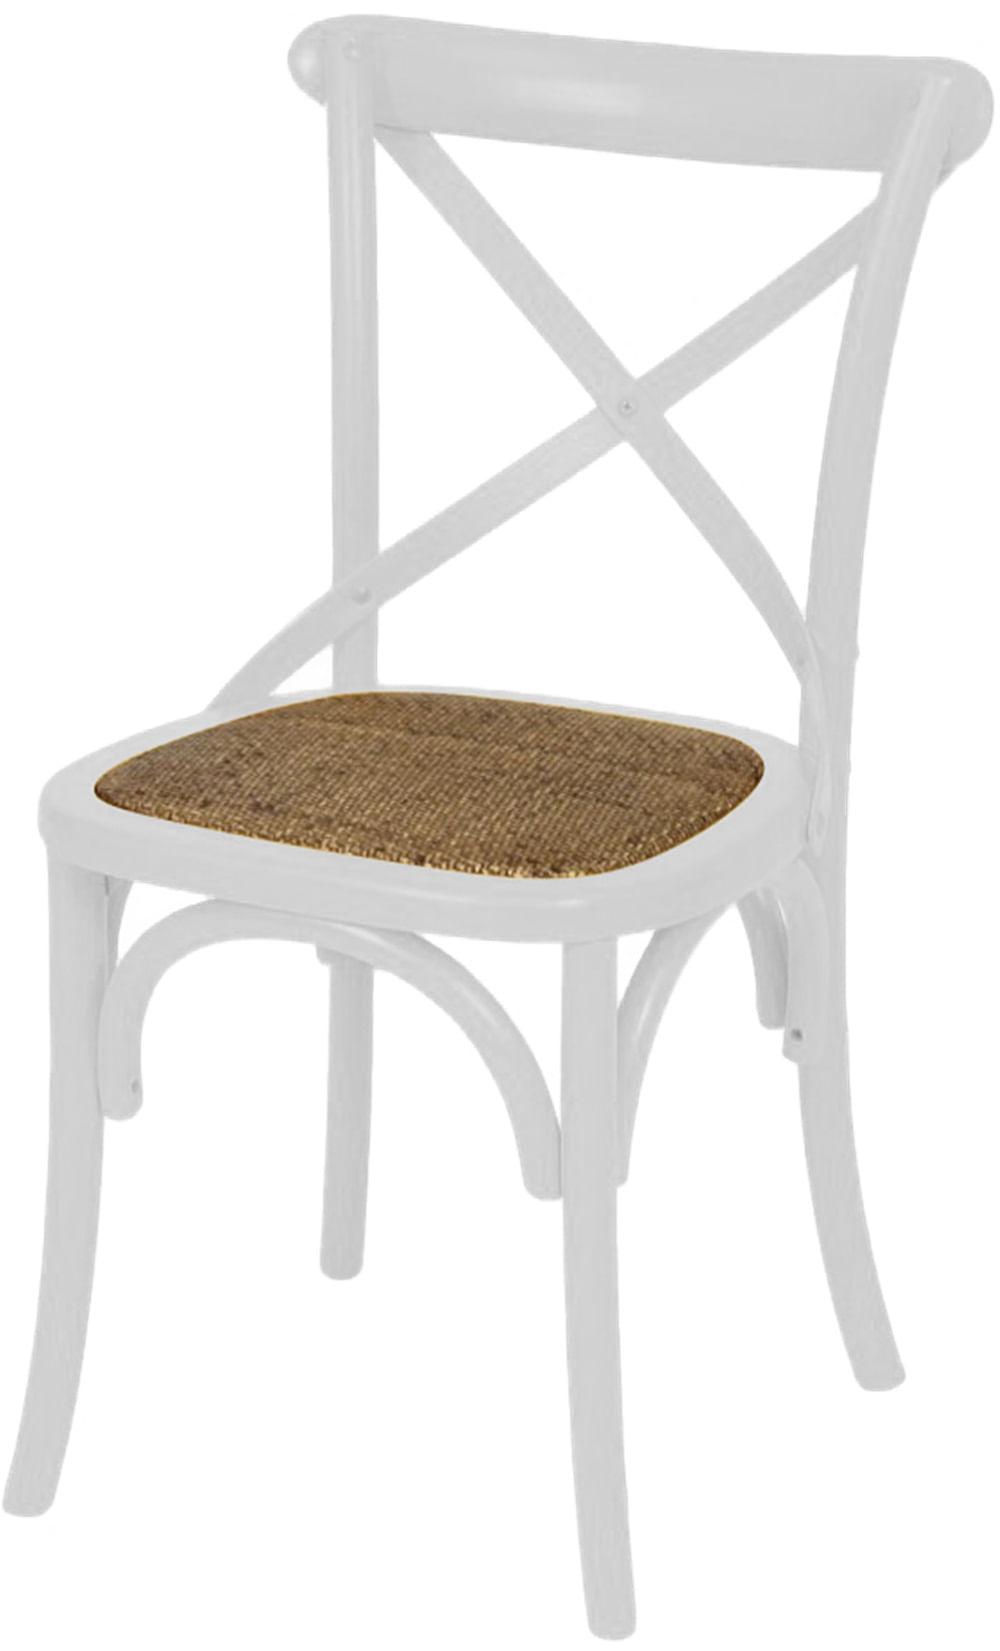 Cadeira Katrina Branca Laqueada com Assento Rattan  - 30749